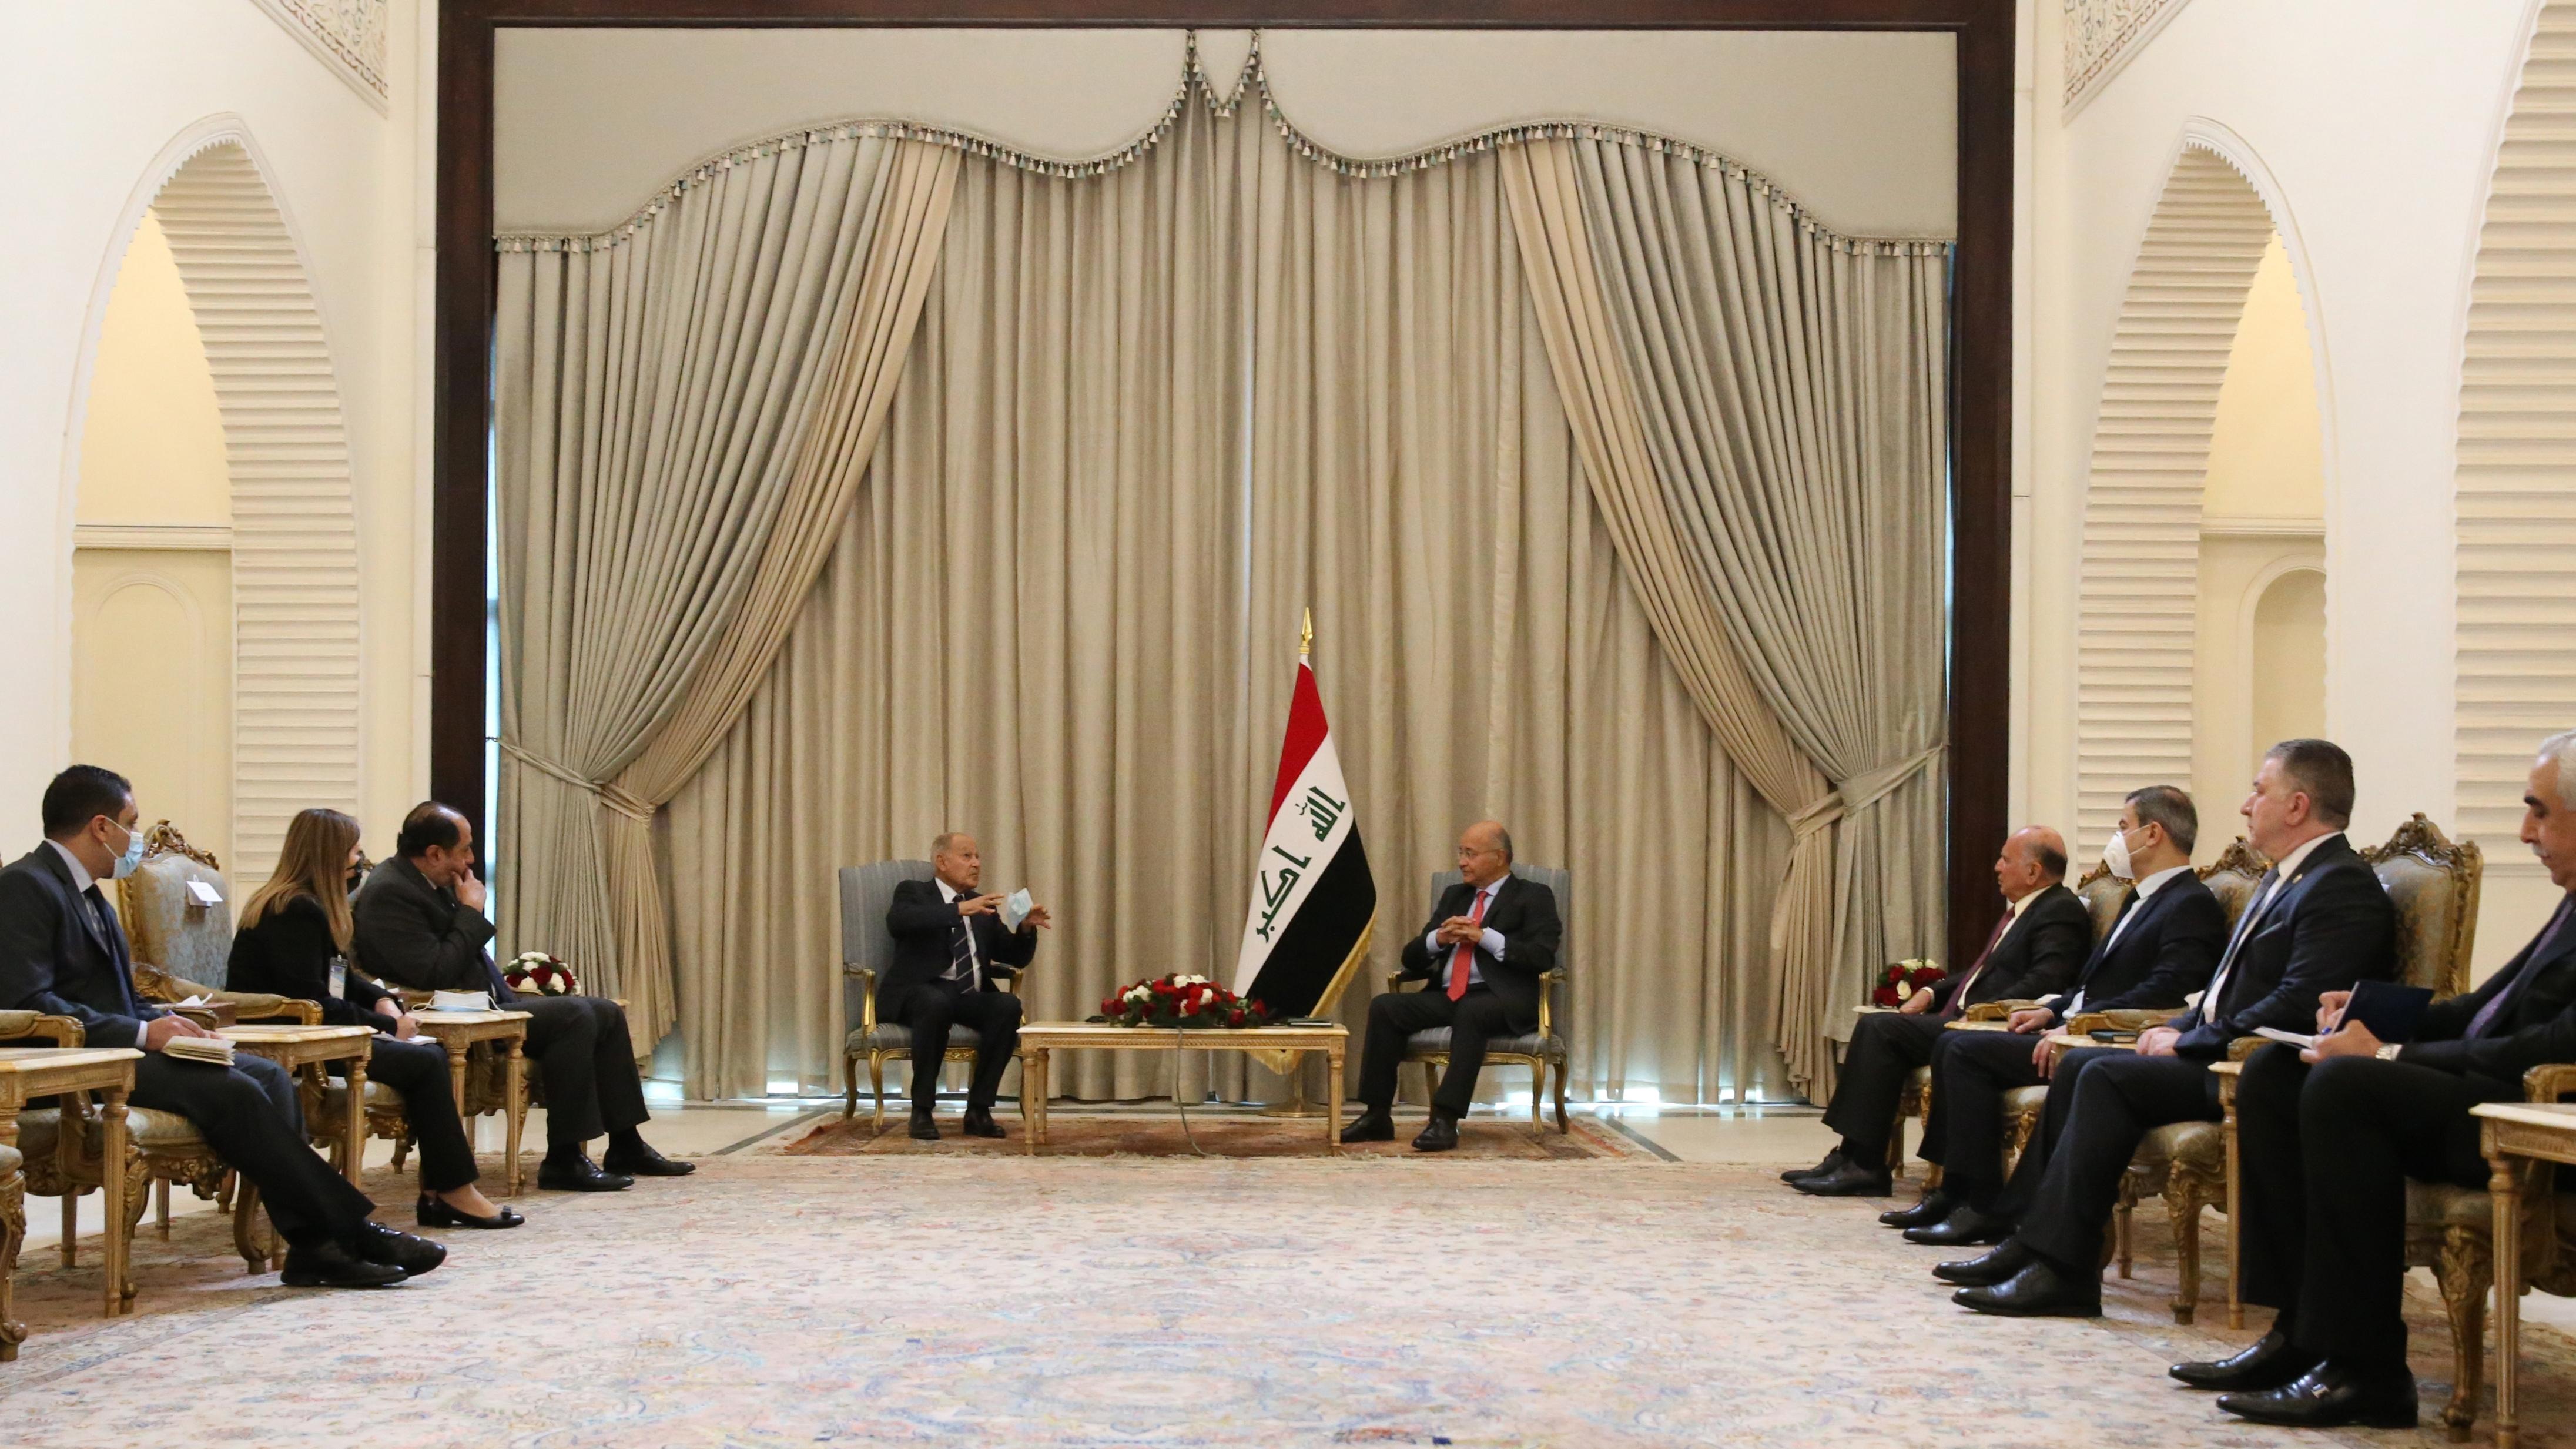 الرئيس العراقي برهم صالح ملتقيا في بغداد السبت ابو الغيط